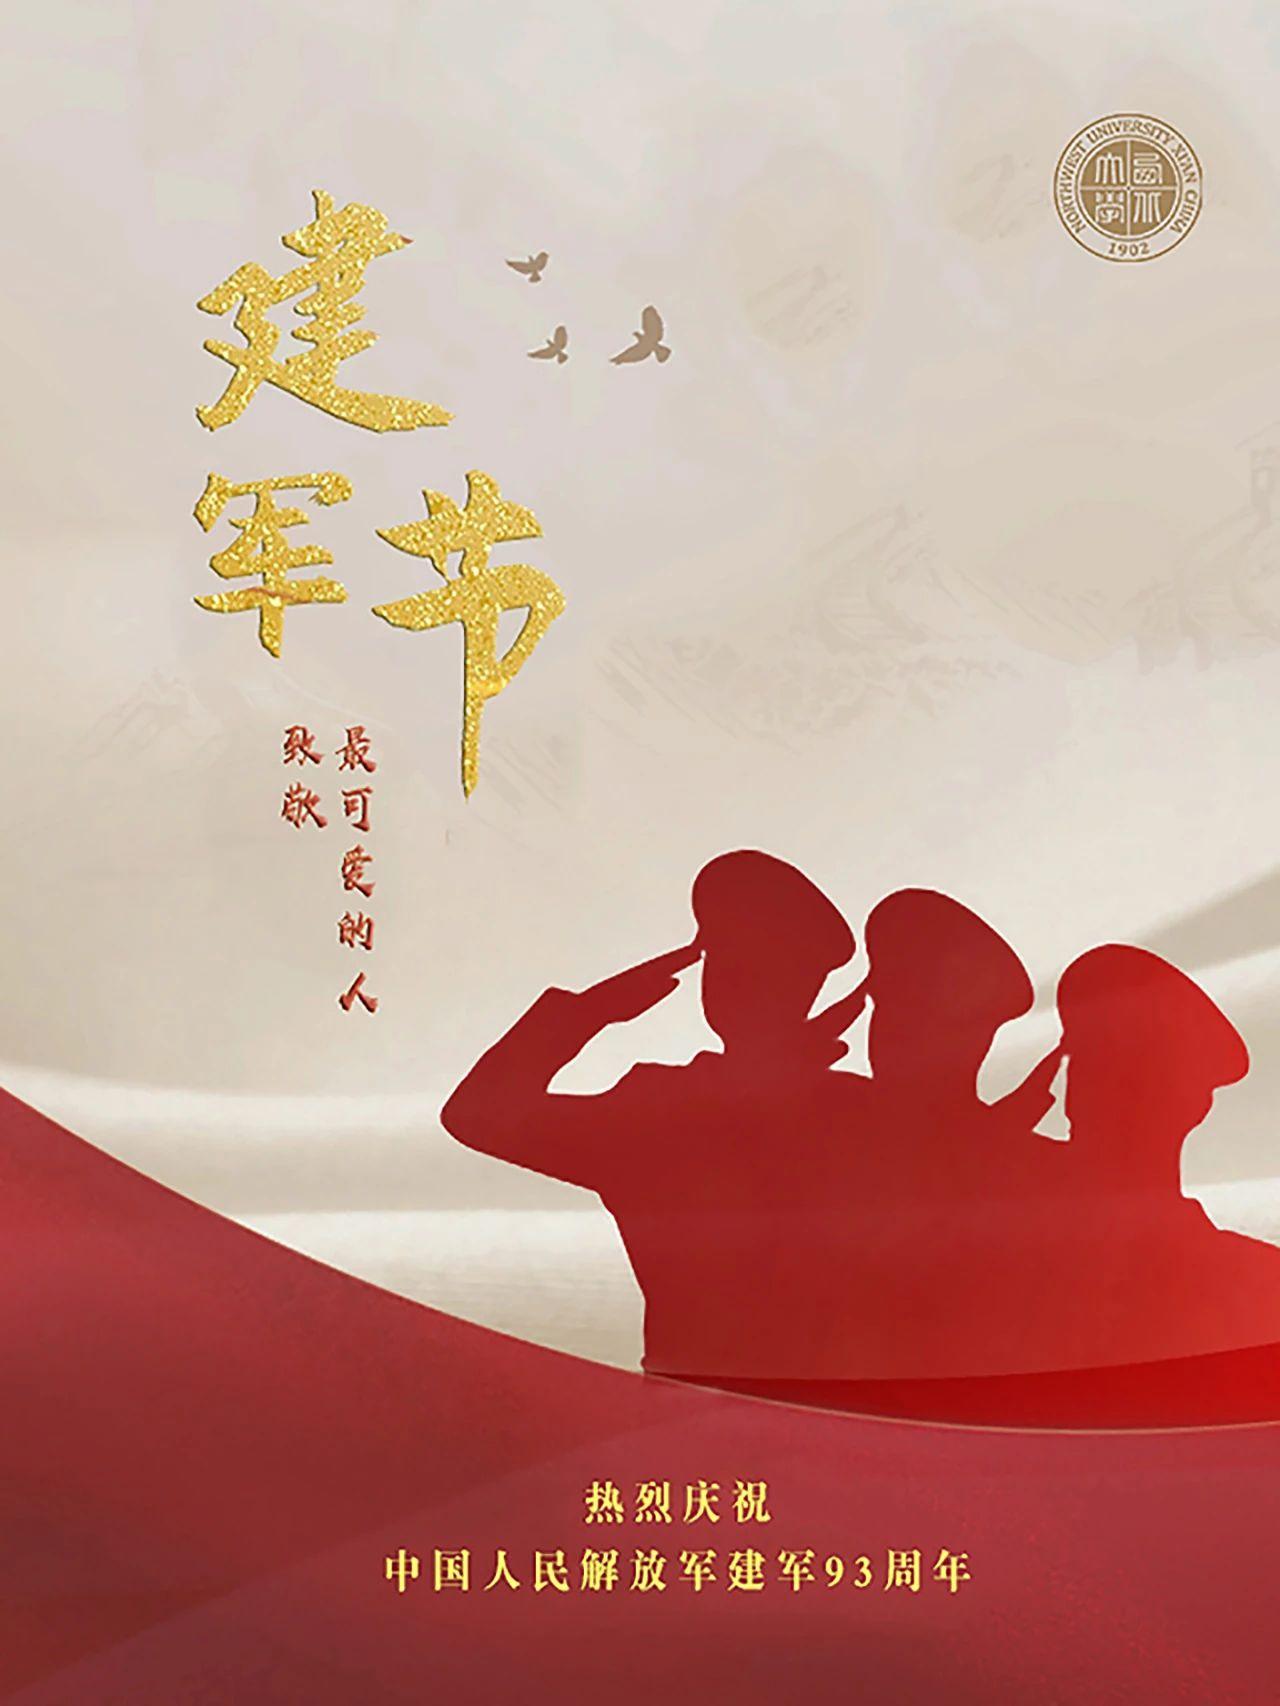 「赢咖3APP下载」一建军节\n致敬图片